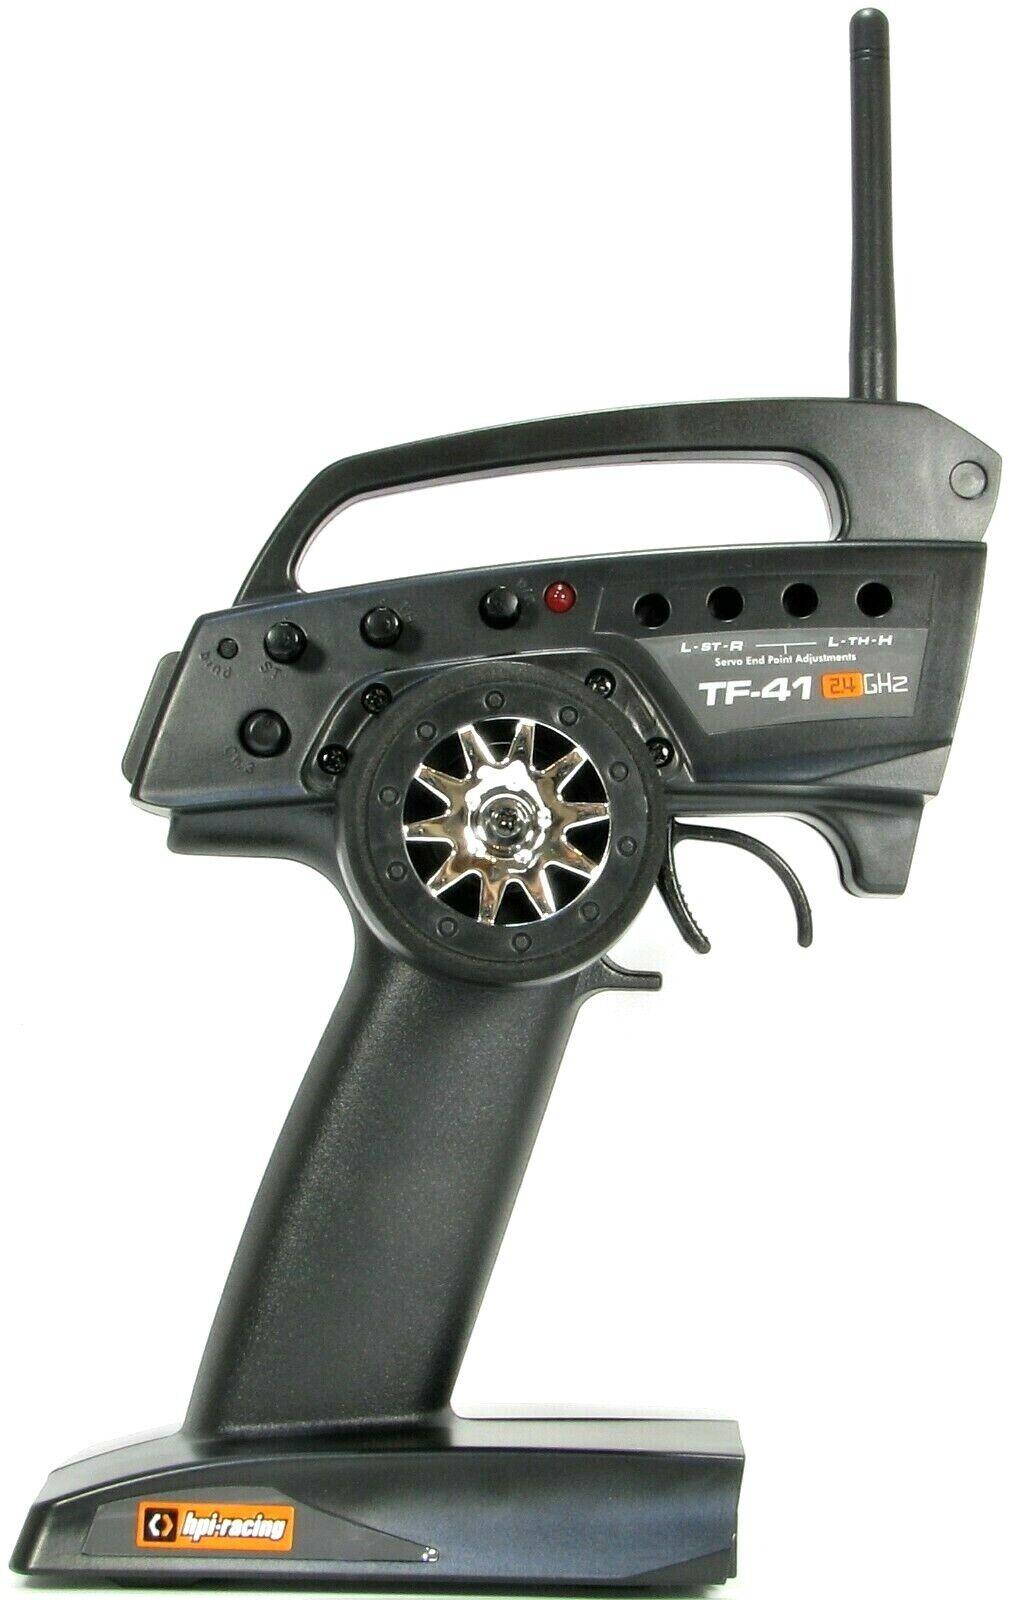 HPI TF-41  2.4GHz Radiocouomodo Trasmettitore (parte  120043)  vendita calda